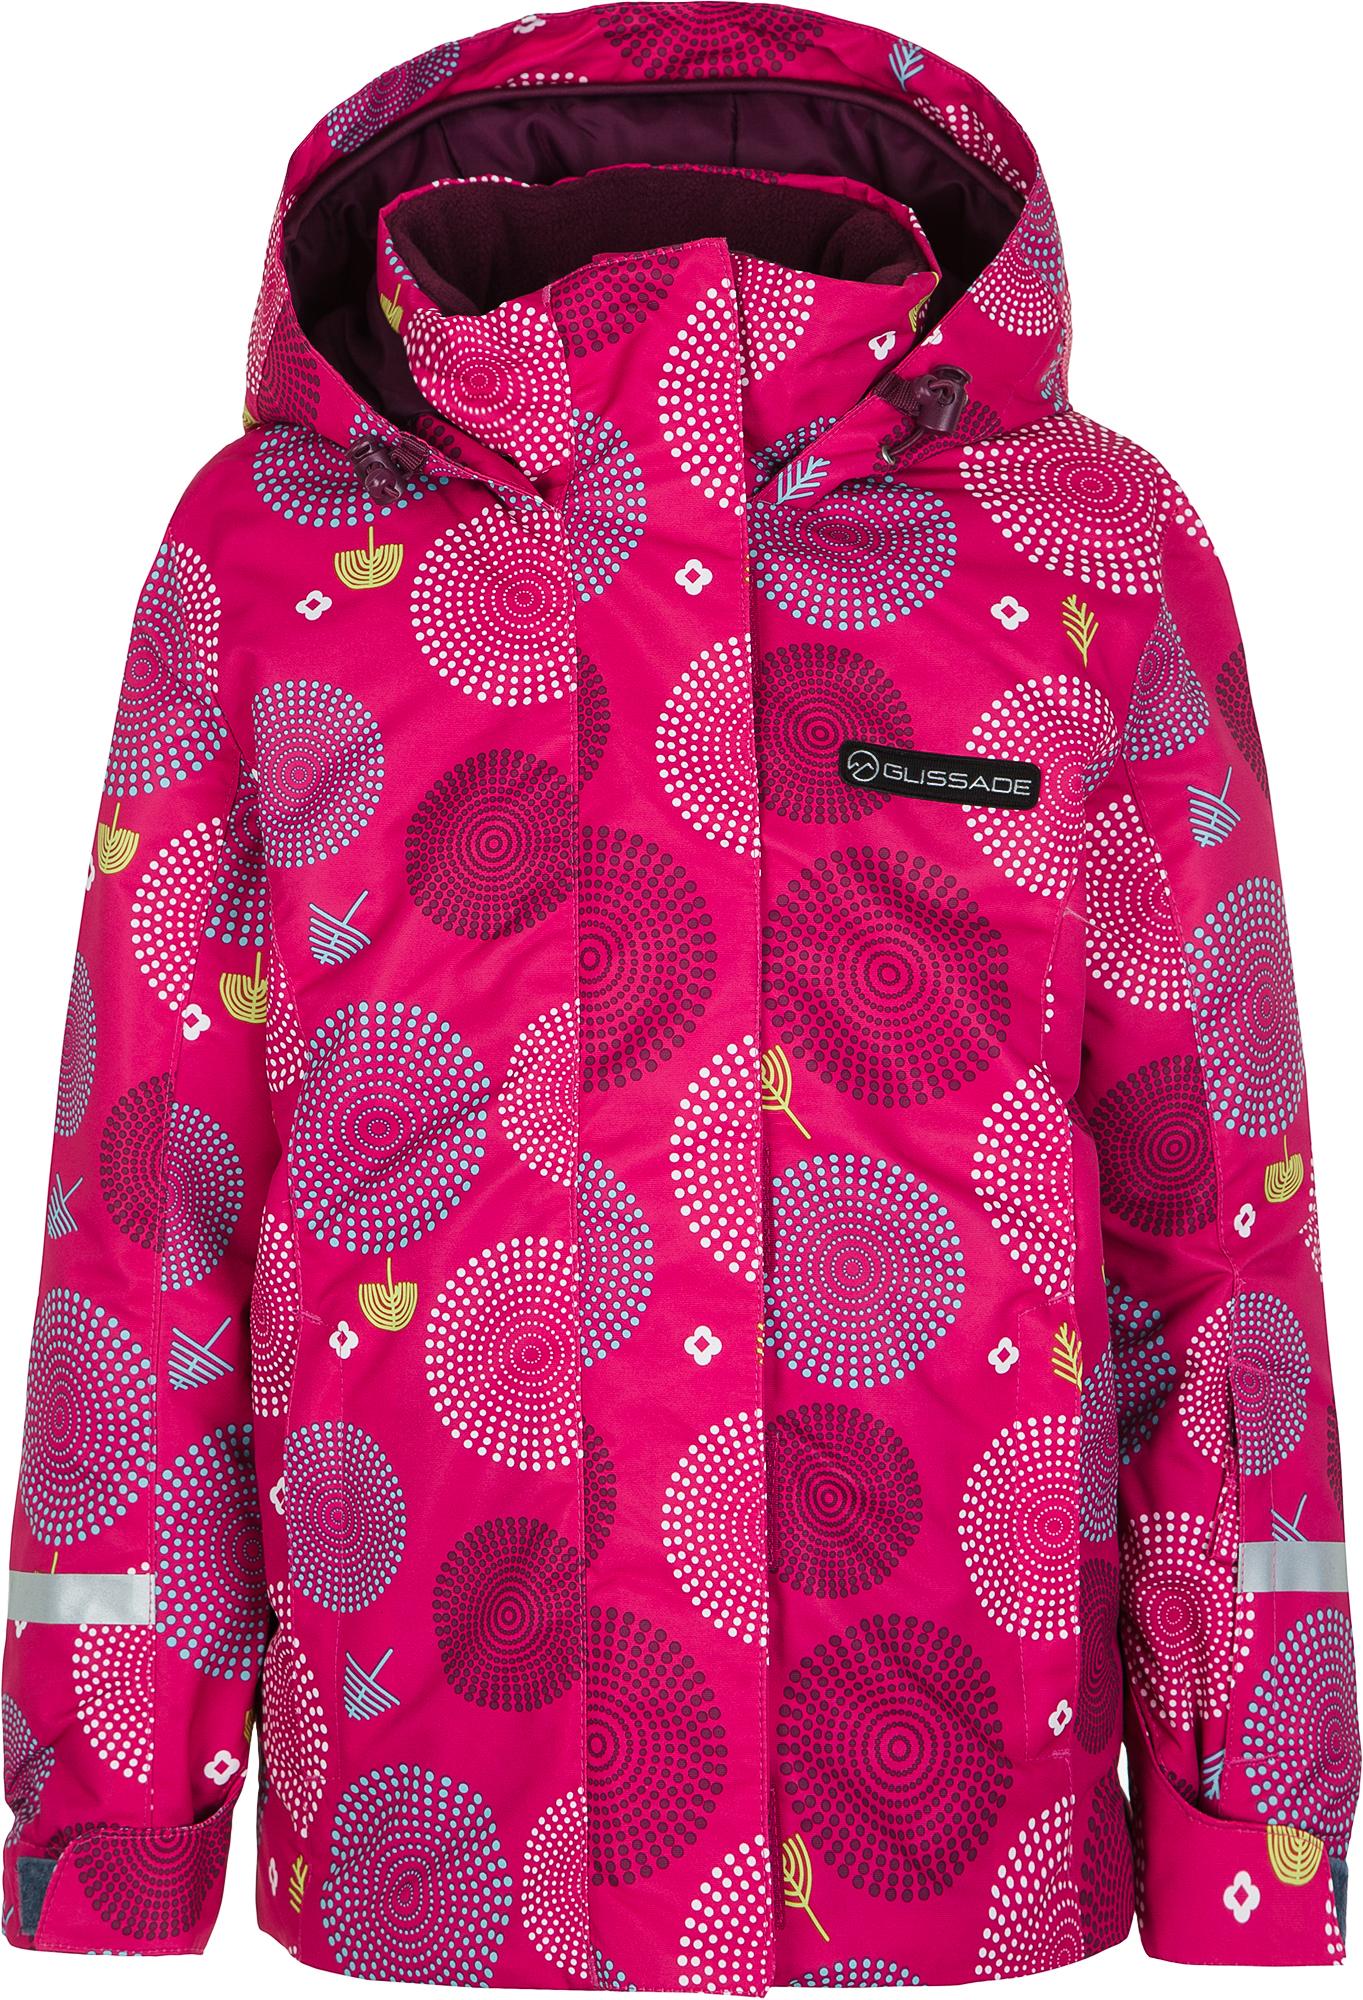 цена Glissade Куртка для девочек Glissade, размер 122 онлайн в 2017 году